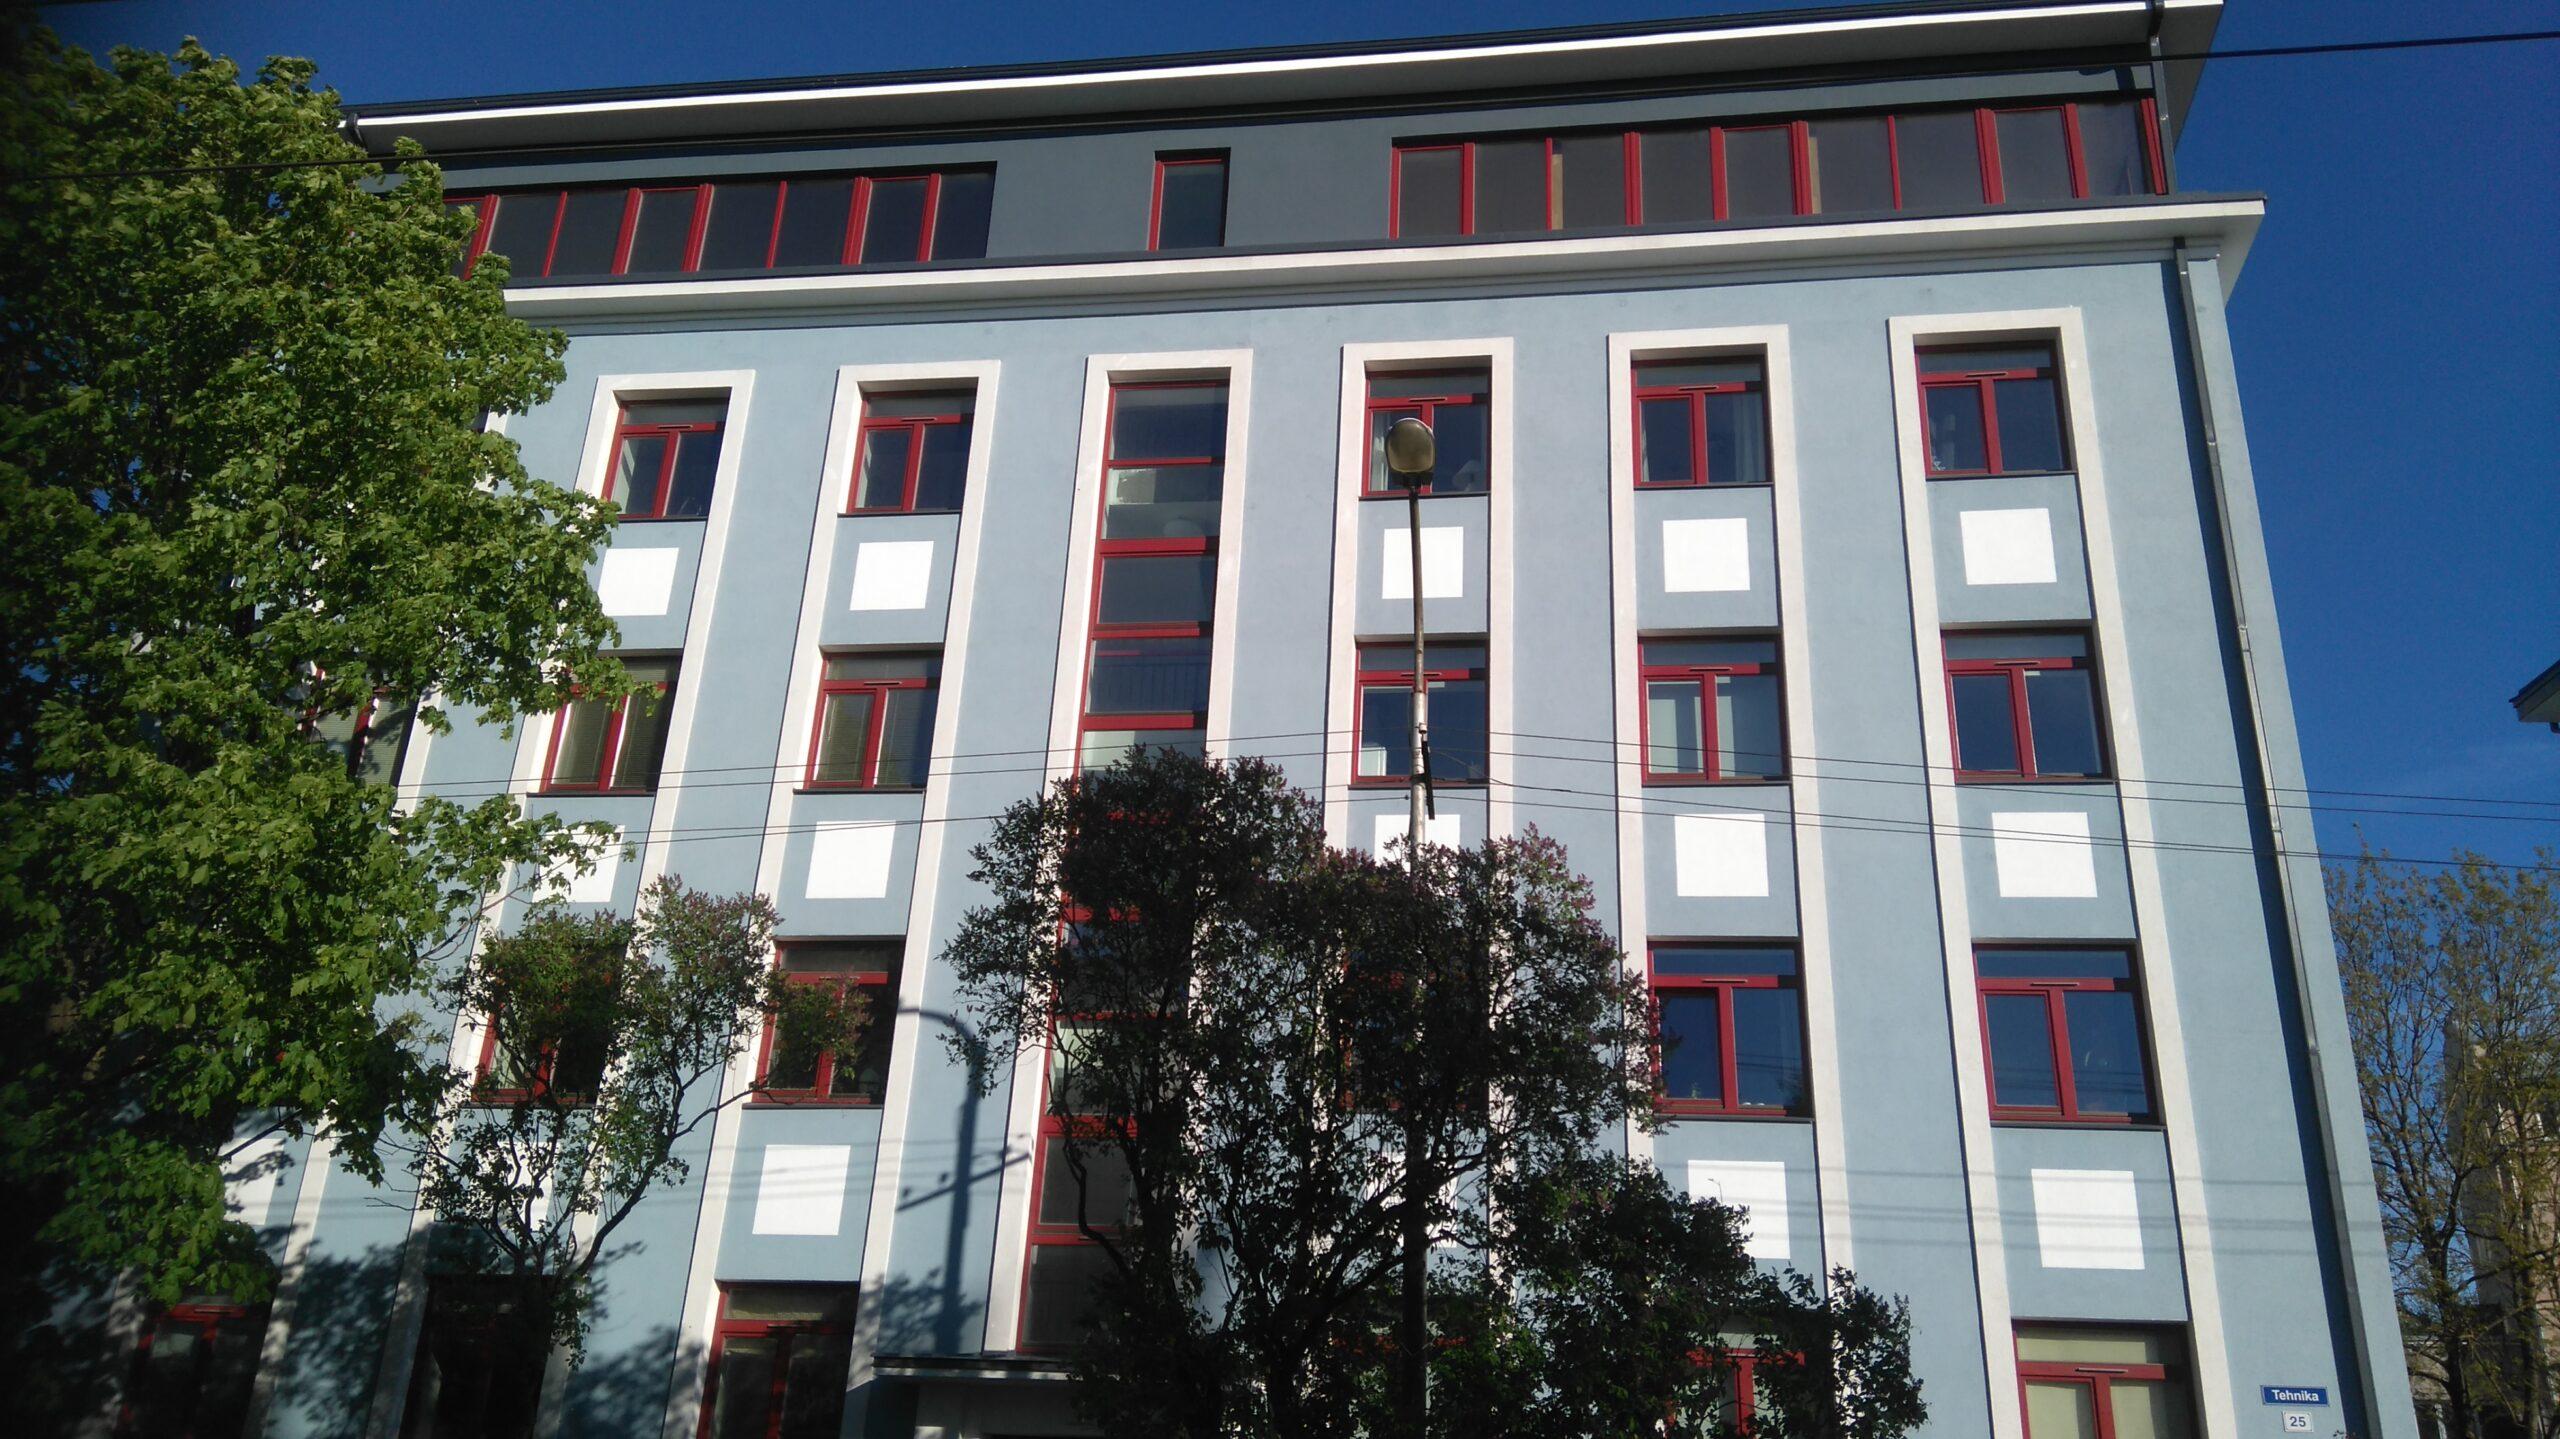 Viienda korruse fassaadi kujundamine.Tehnika tn / Kevad 2017